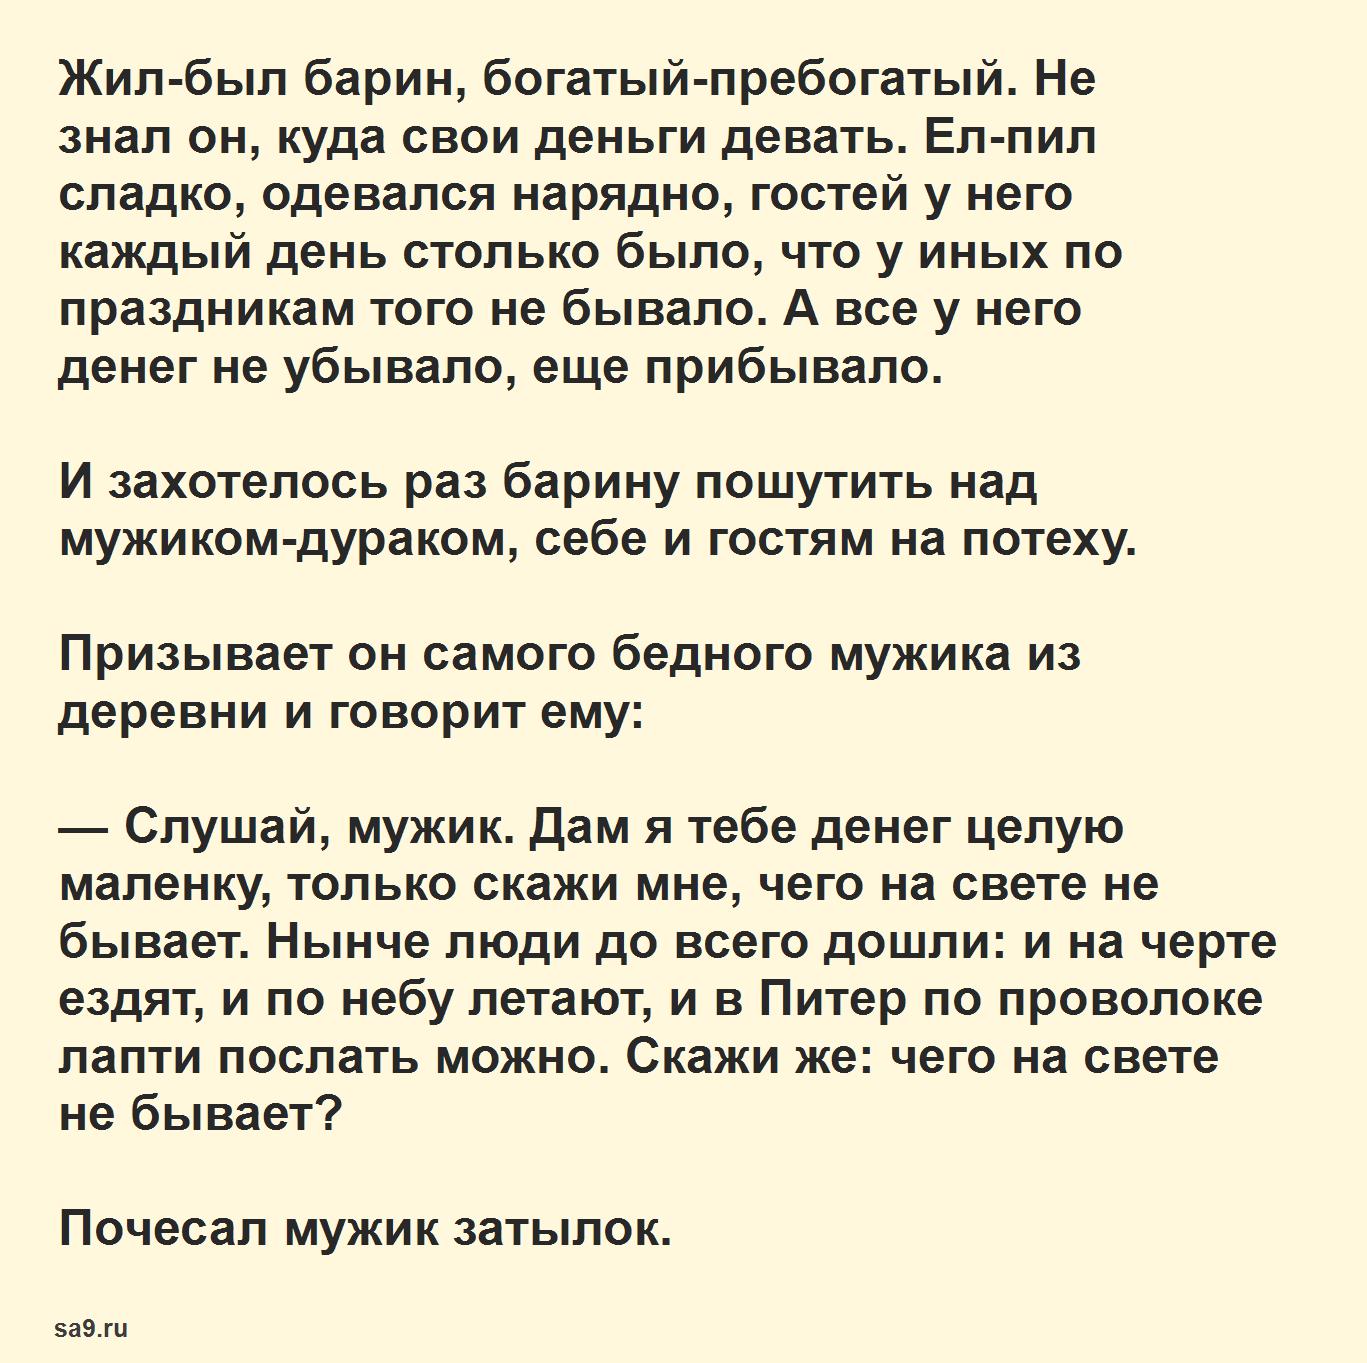 Чего на свете не бывает - русская народная сказка